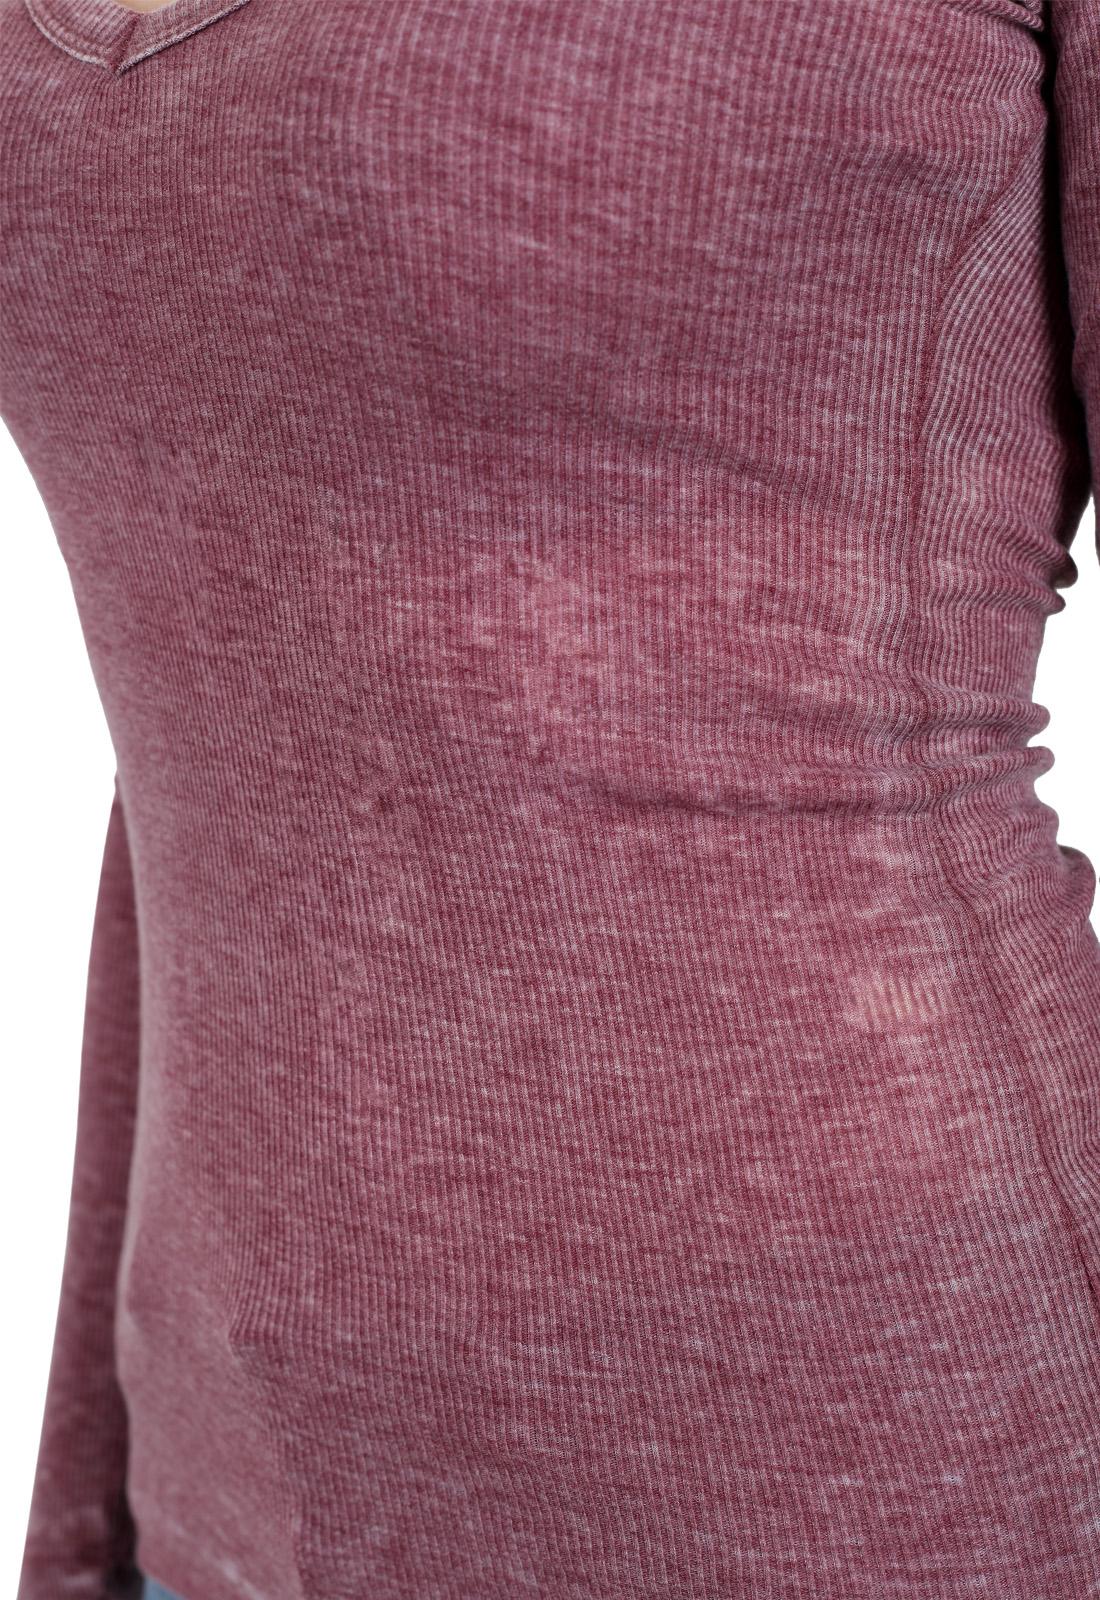 Винтажная облегающая кофта от австралийского бренда Cotton on. Подчеркни свою женственность и хрупкость